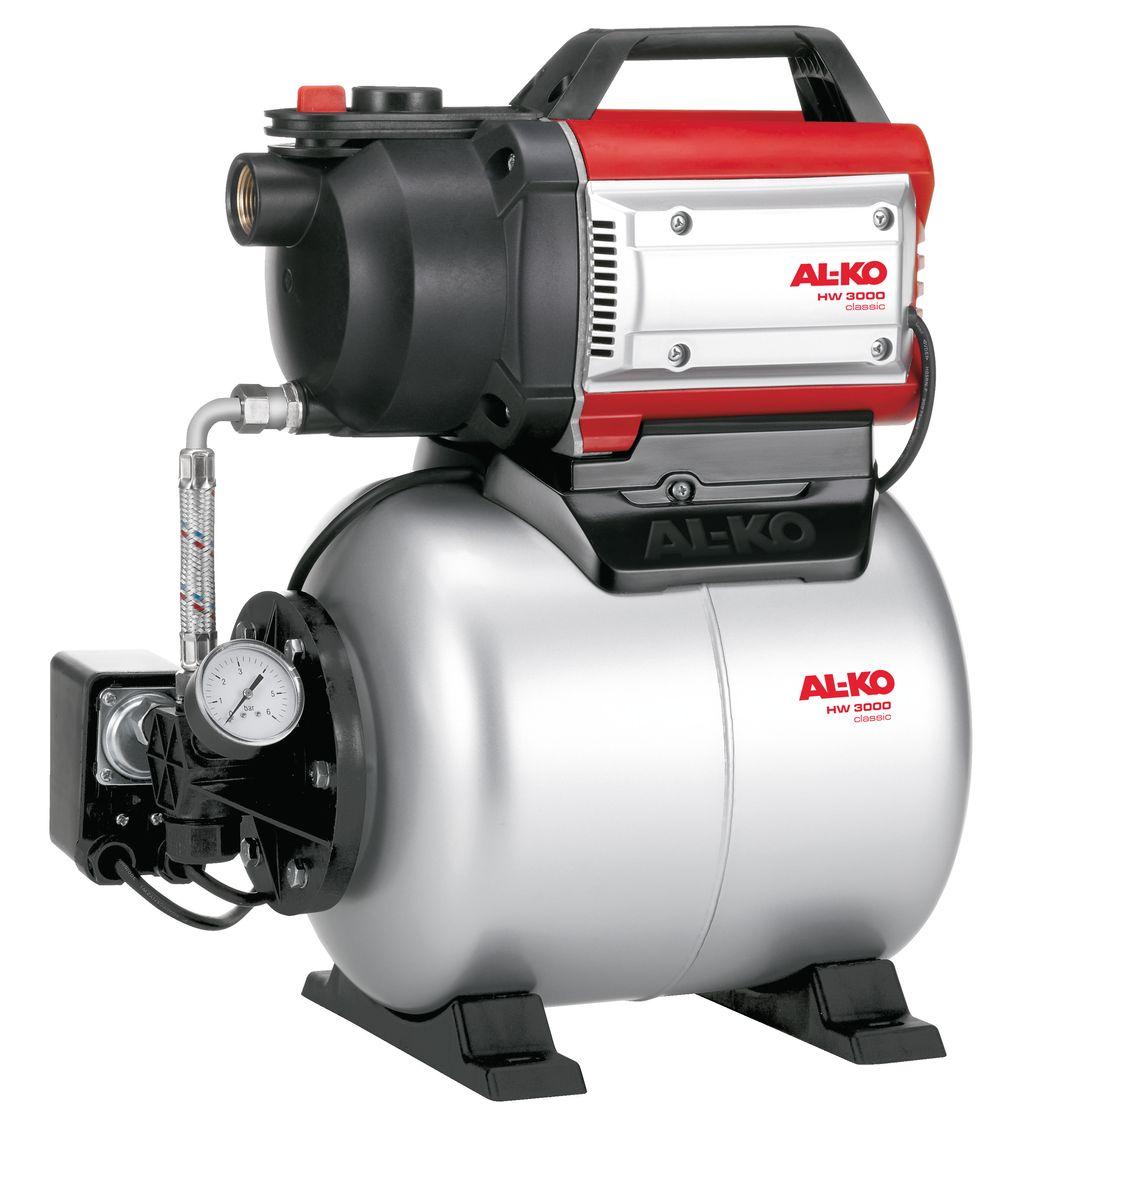 Станция насосная AL-KO HW 3000 Classic112845Насосная станция AL-KO HW 3000 Classic очень легко вводится в эксплуатацию. Надежный двигатель с защитой от перегрева не требует техобслуживания и гарантирует долгий срок службы. Благодаря компактной конструкции насосная станция займет немного места. Все детали, имеющие контакт с водой, выполнены из материалов, устойчивых к окислению и коррозии. Низкий уровень шума, надежность эксплуатации.Объем расширительного бака: 17 л.Мощность: 650 Вт.Глубина забора воды: 8 м.Высота напора: 28 м.Максимальный объем подачи: 3100 л/час.Рабочий механизм насоса: 1-ступенчатый.Диаметр входного и выходного отверстий: G 1.